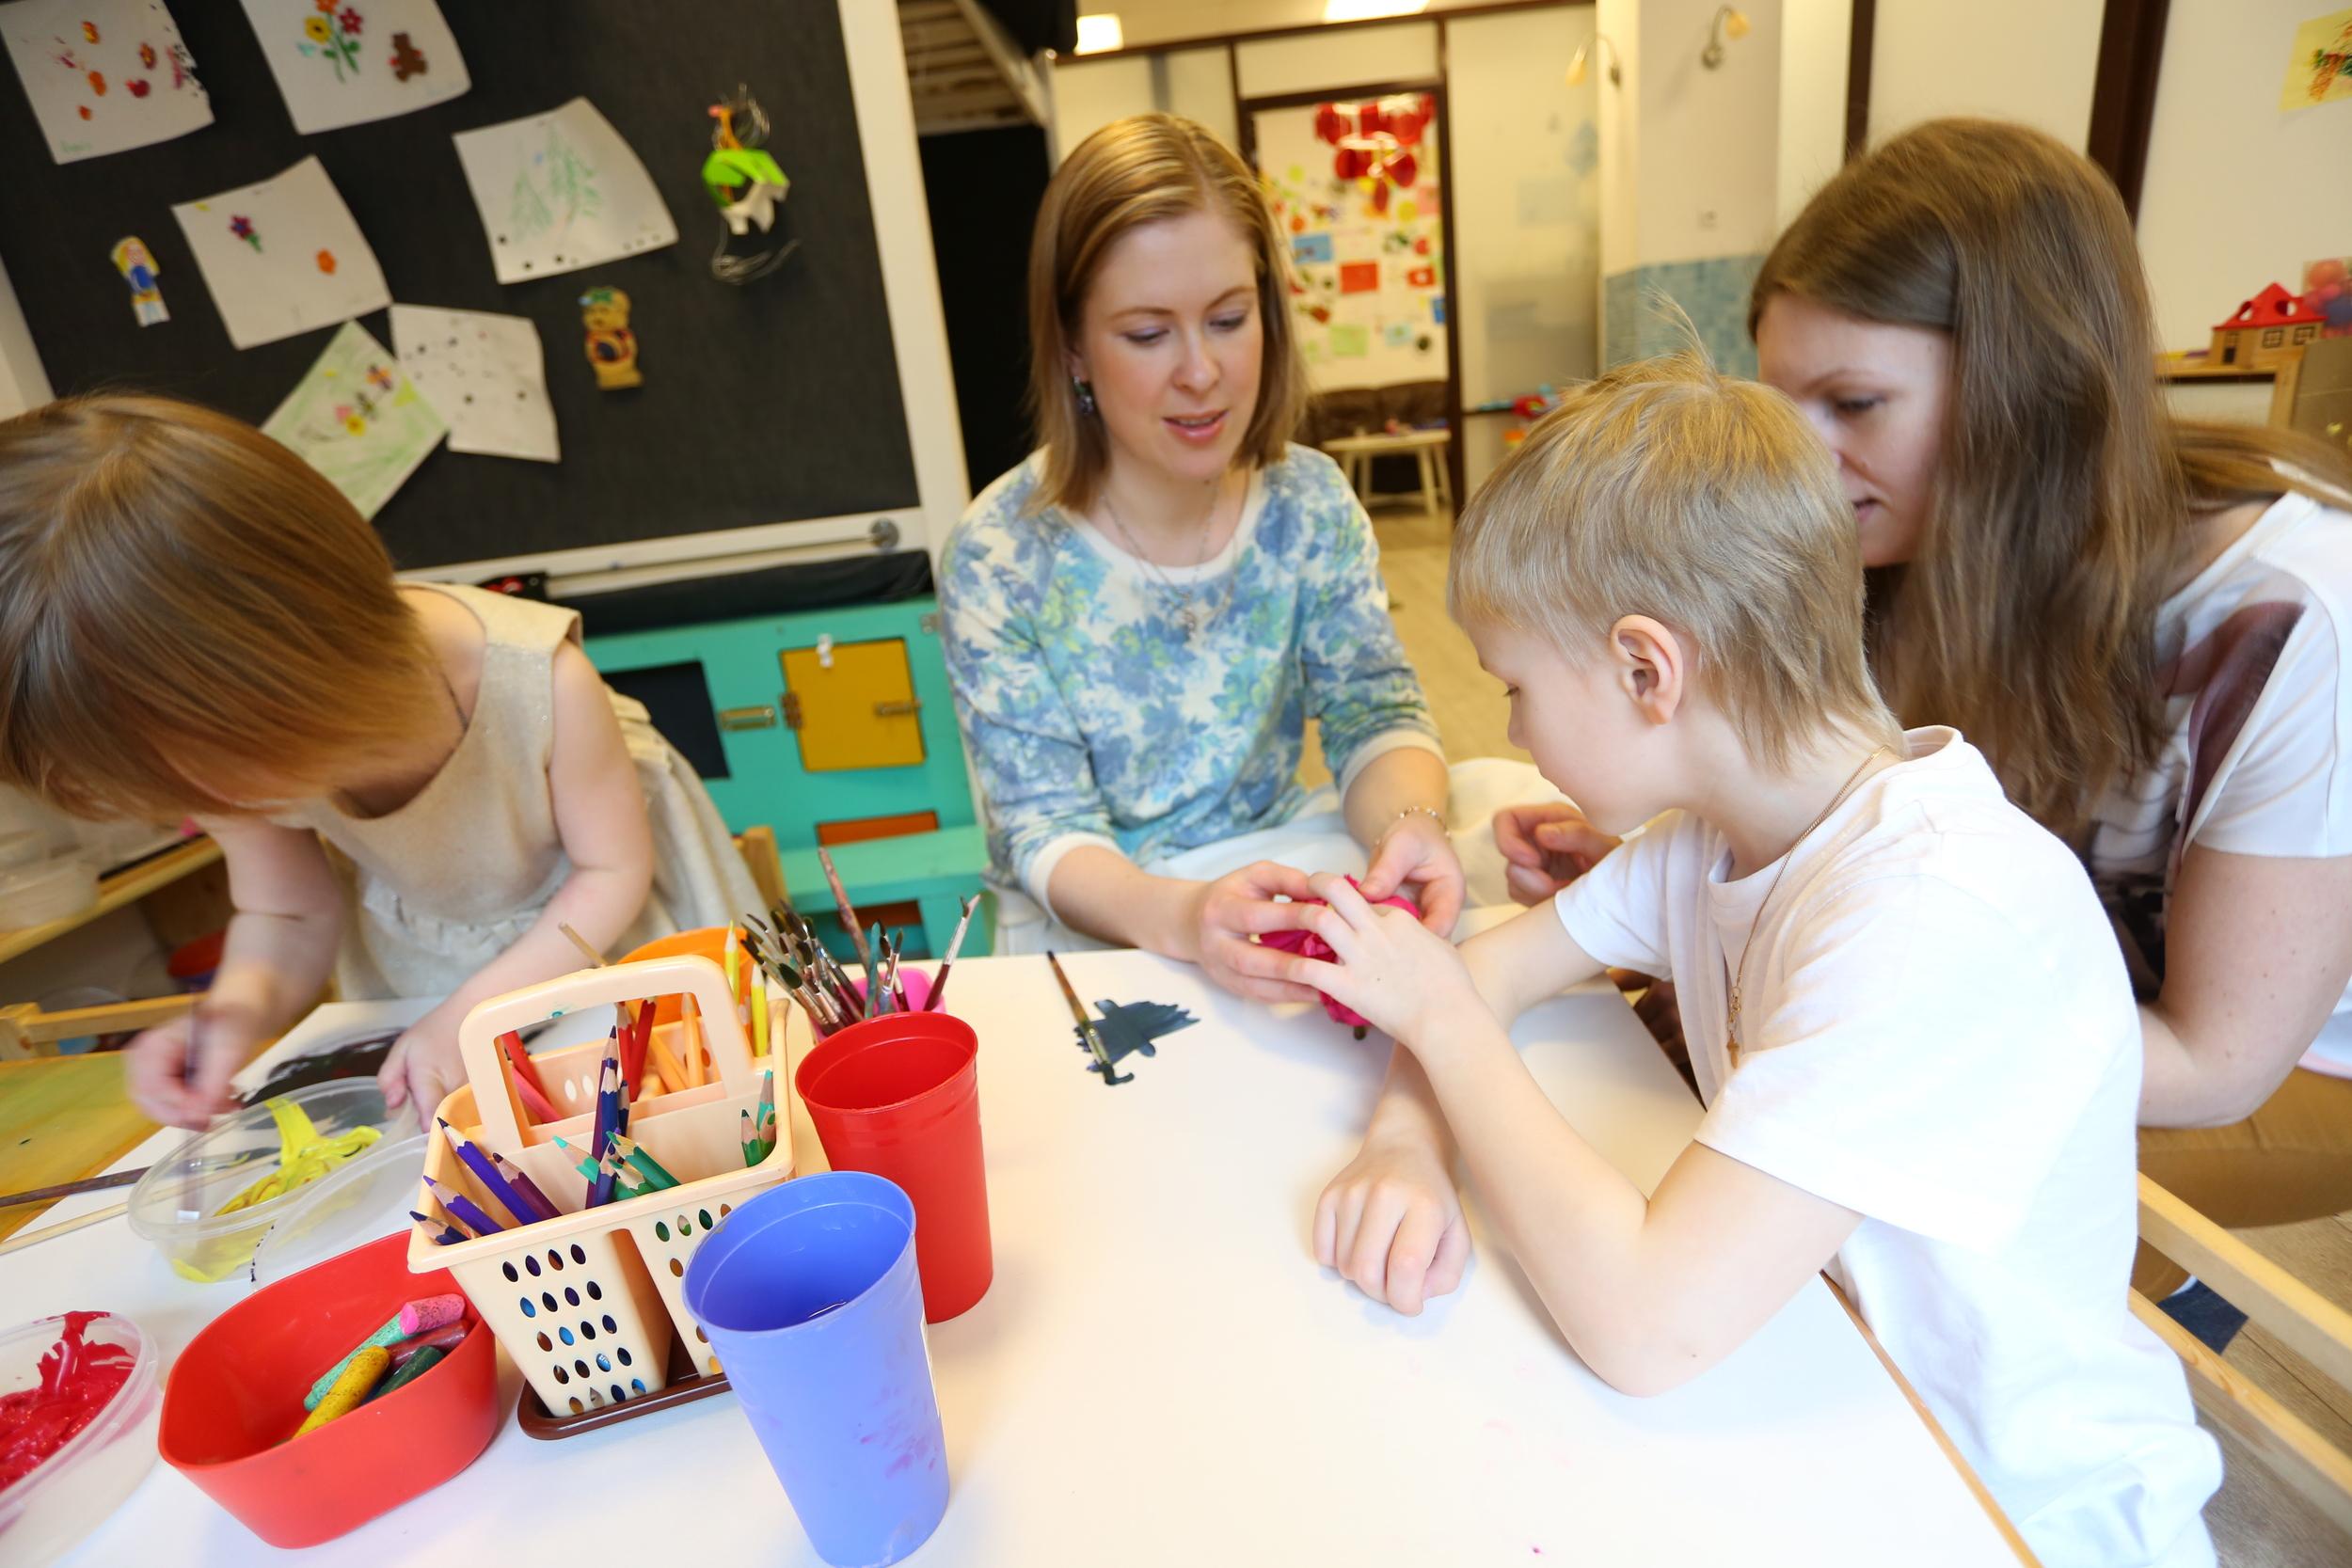 Сообщество обеспечивает детям деревню привязанностей